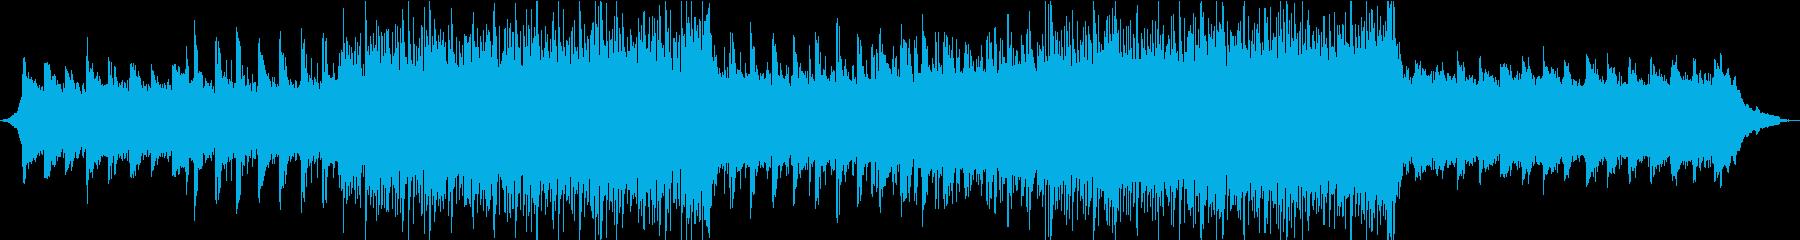 印象に残るメロディのピアノ・ギターロックの再生済みの波形